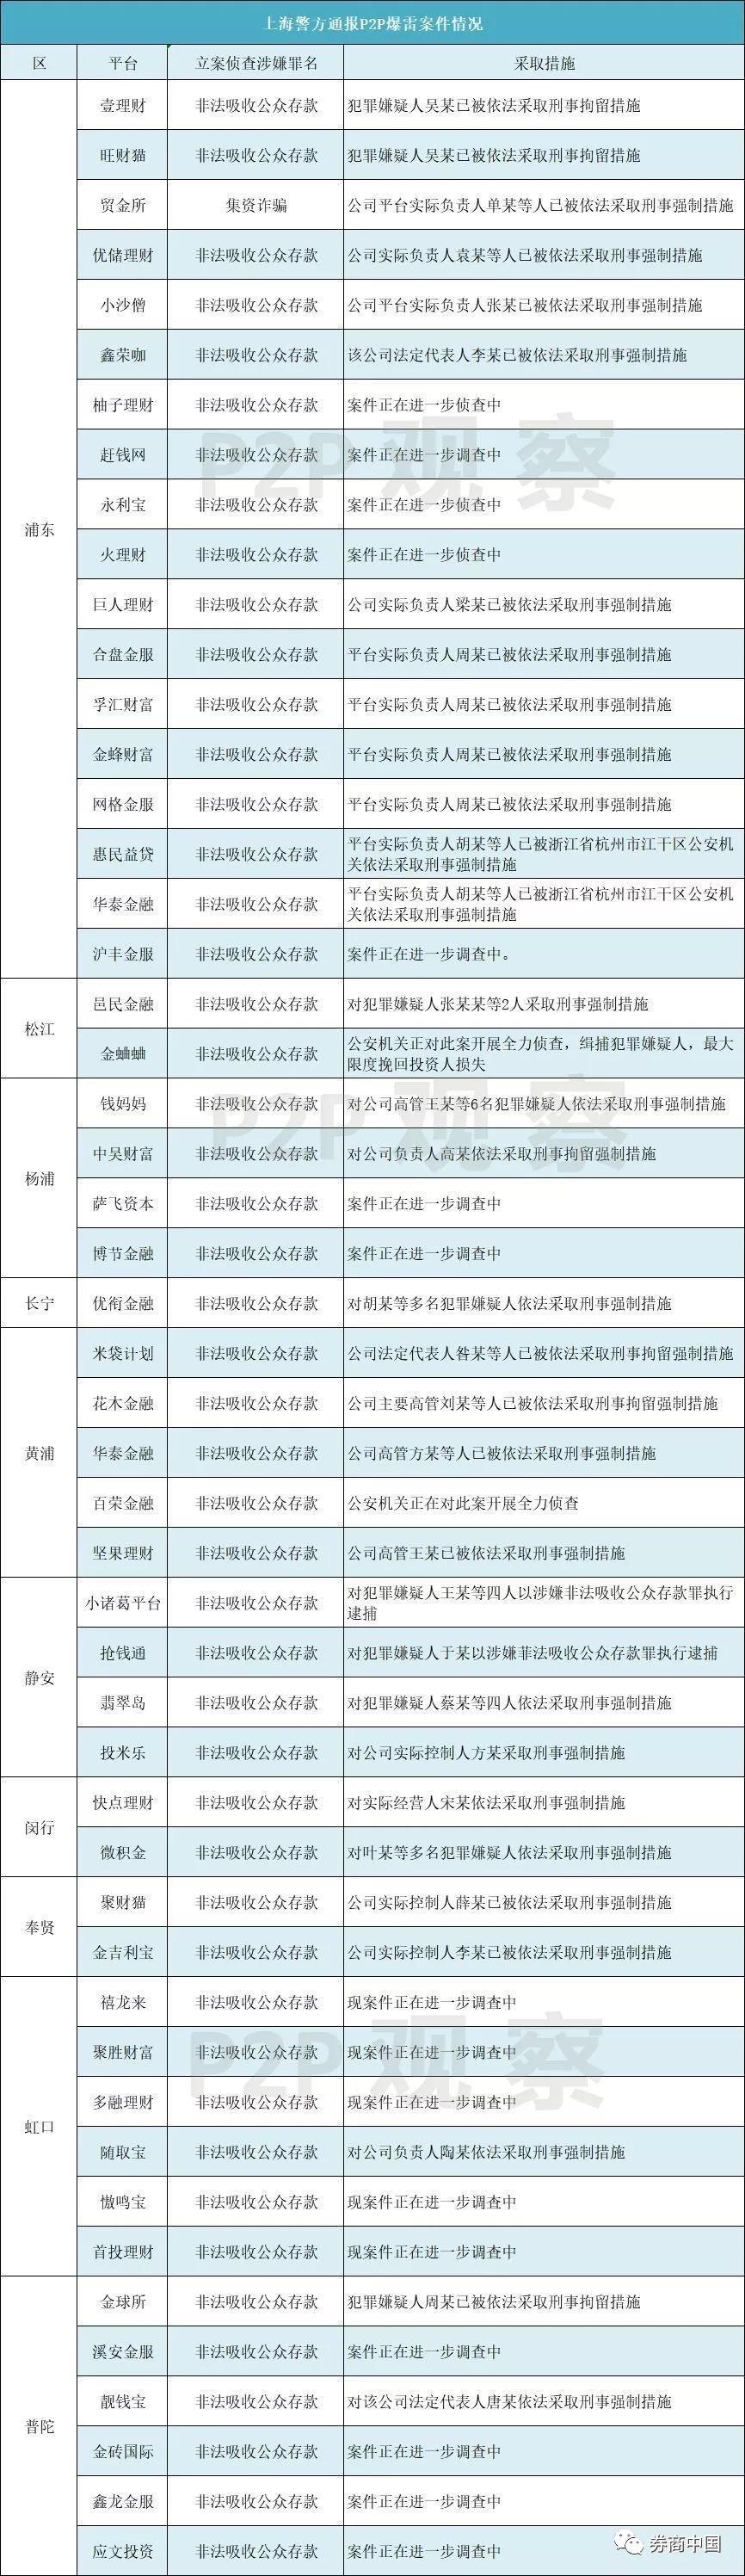 深圳一口气通报6起爆雷平台案件!批捕两国资系P2P实控人,查封房产至少65套,冻结资金上亿元